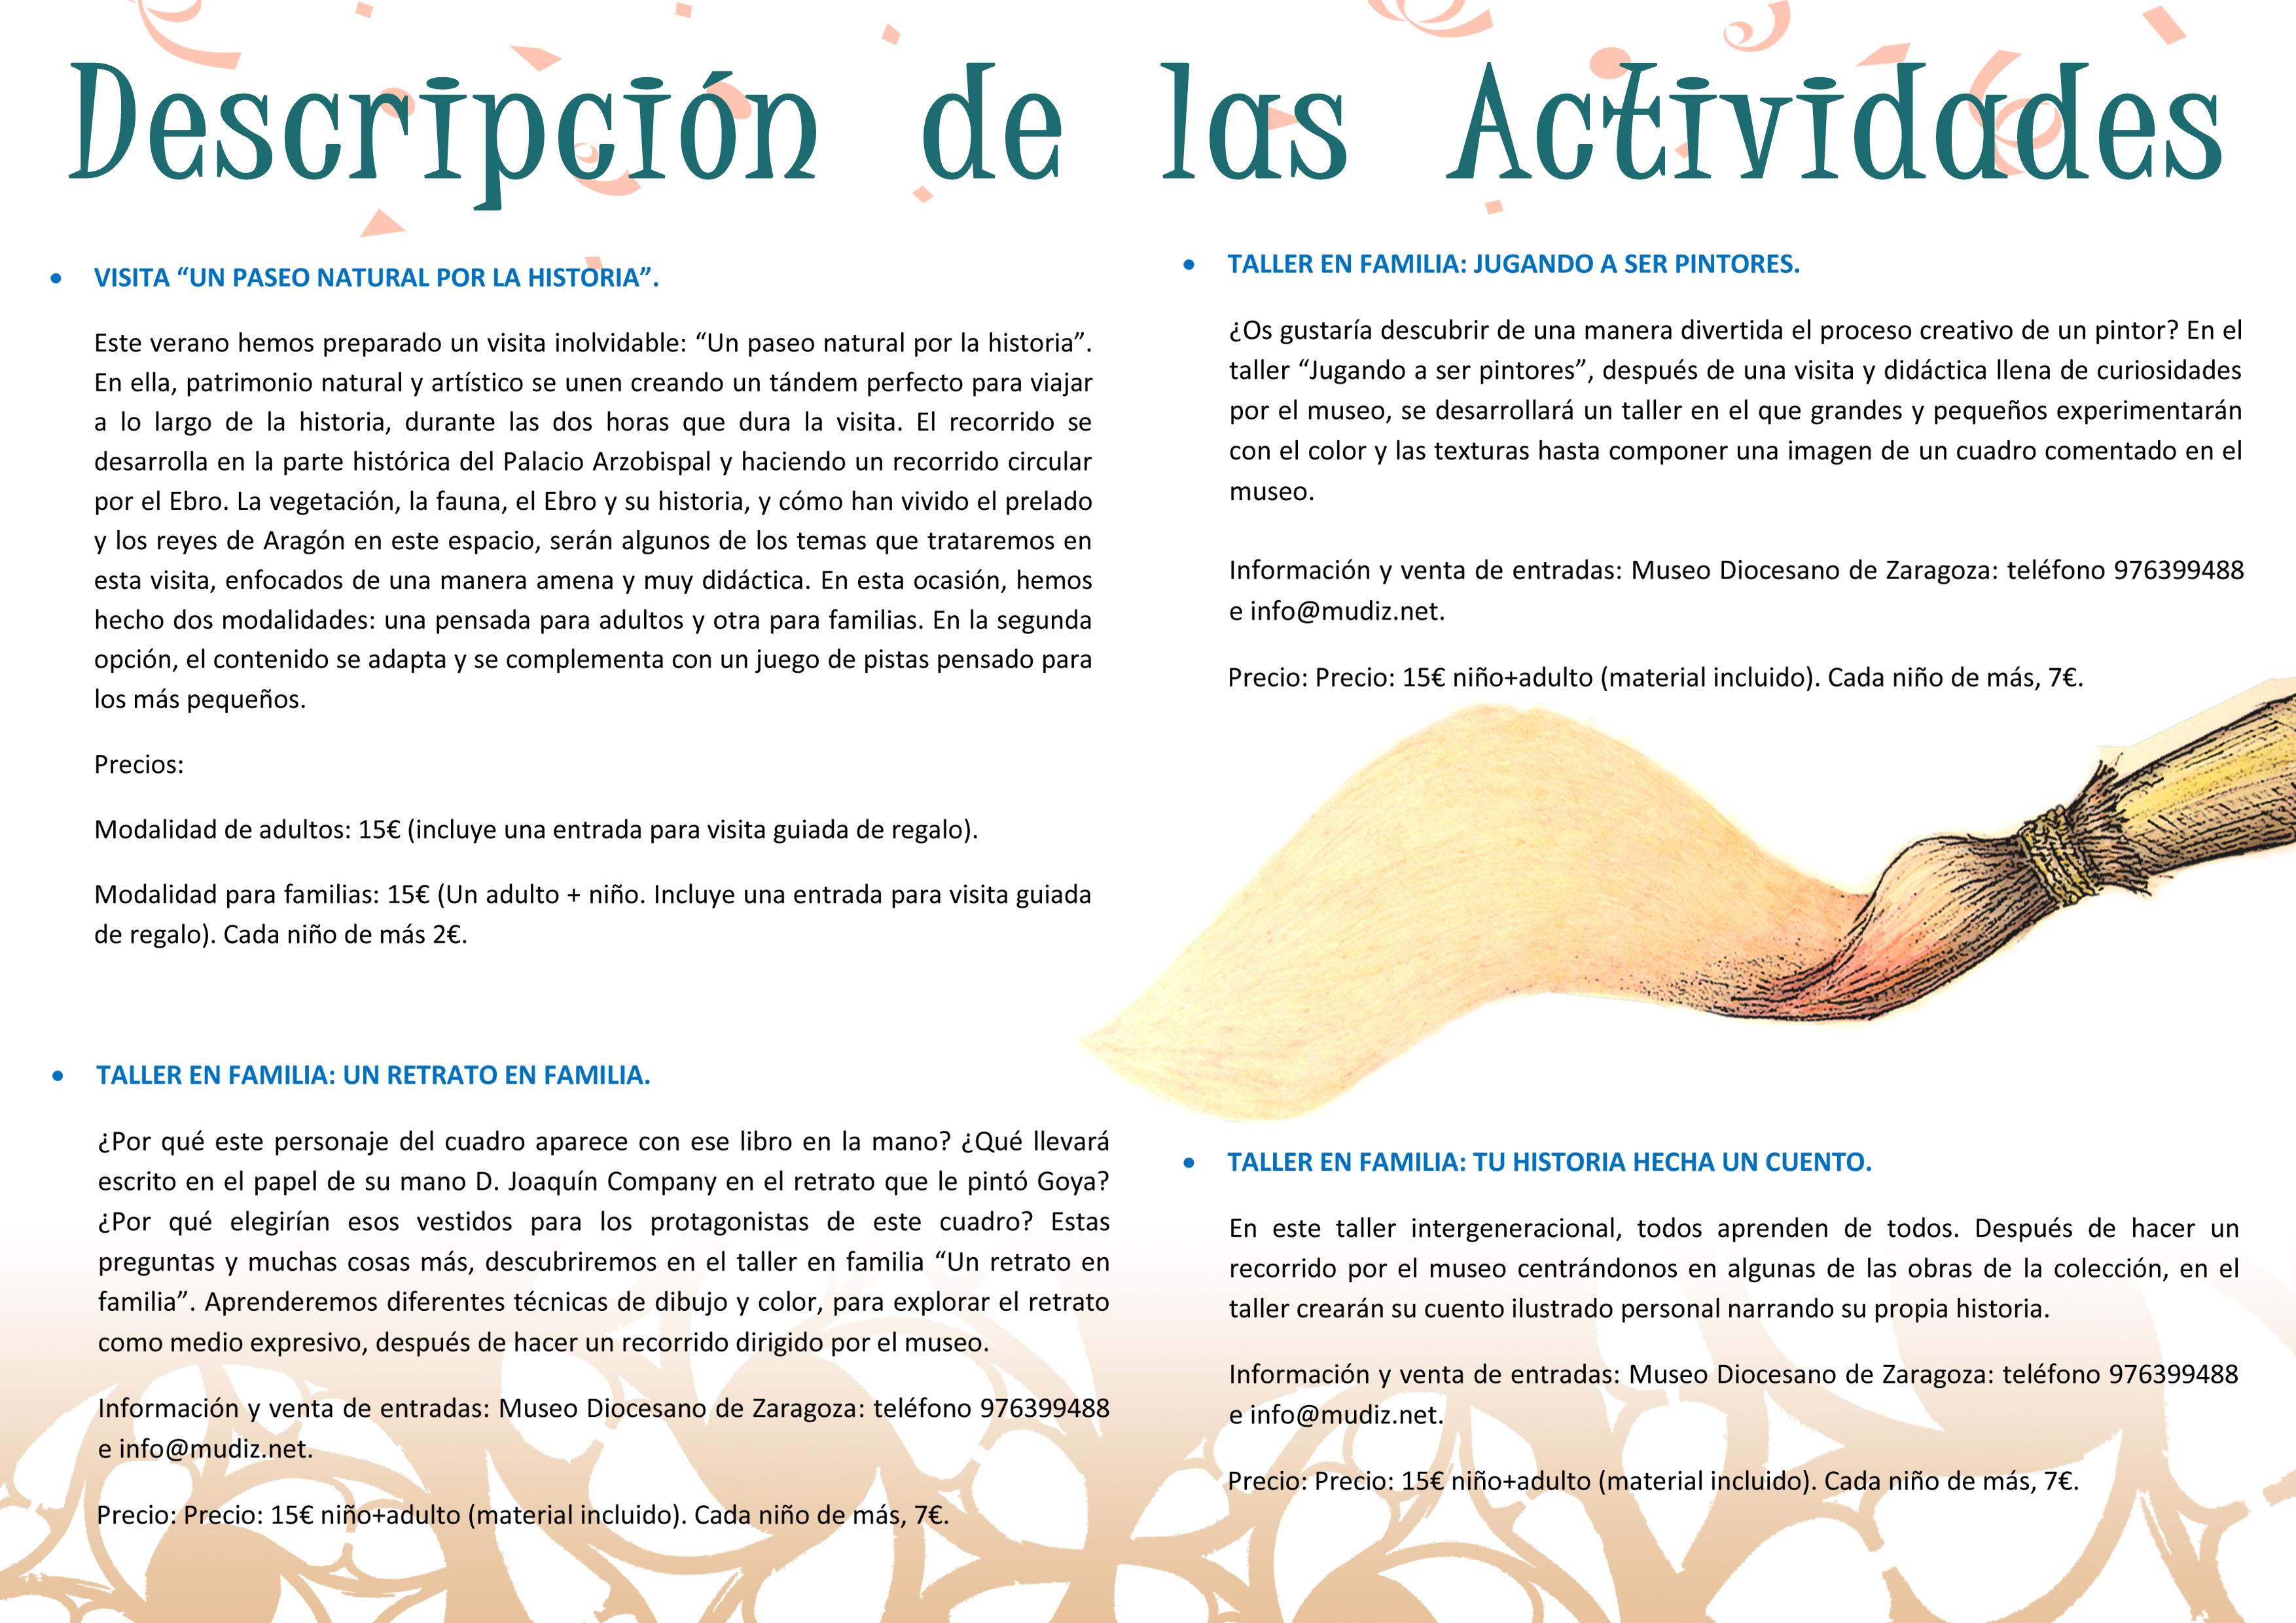 2. CONTENIDO DIPTICO UN VERANO DIFERENTE EN EL MUDIZ (1)